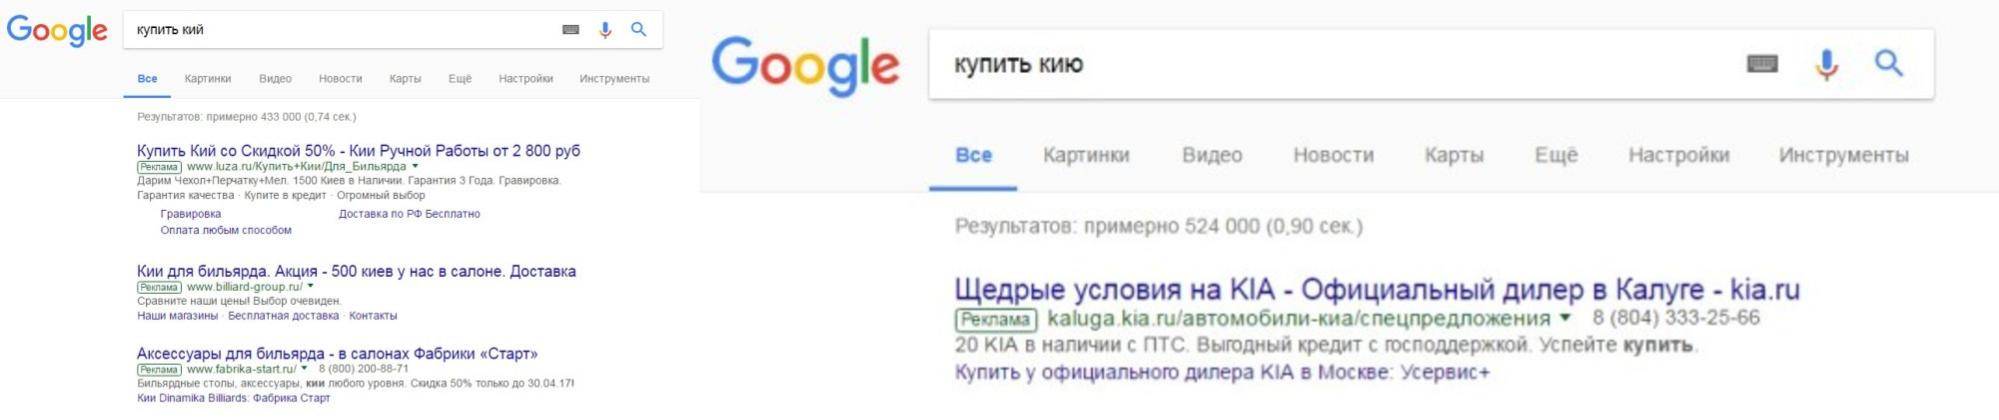 Типы соответствия в Google Ads – словоформы